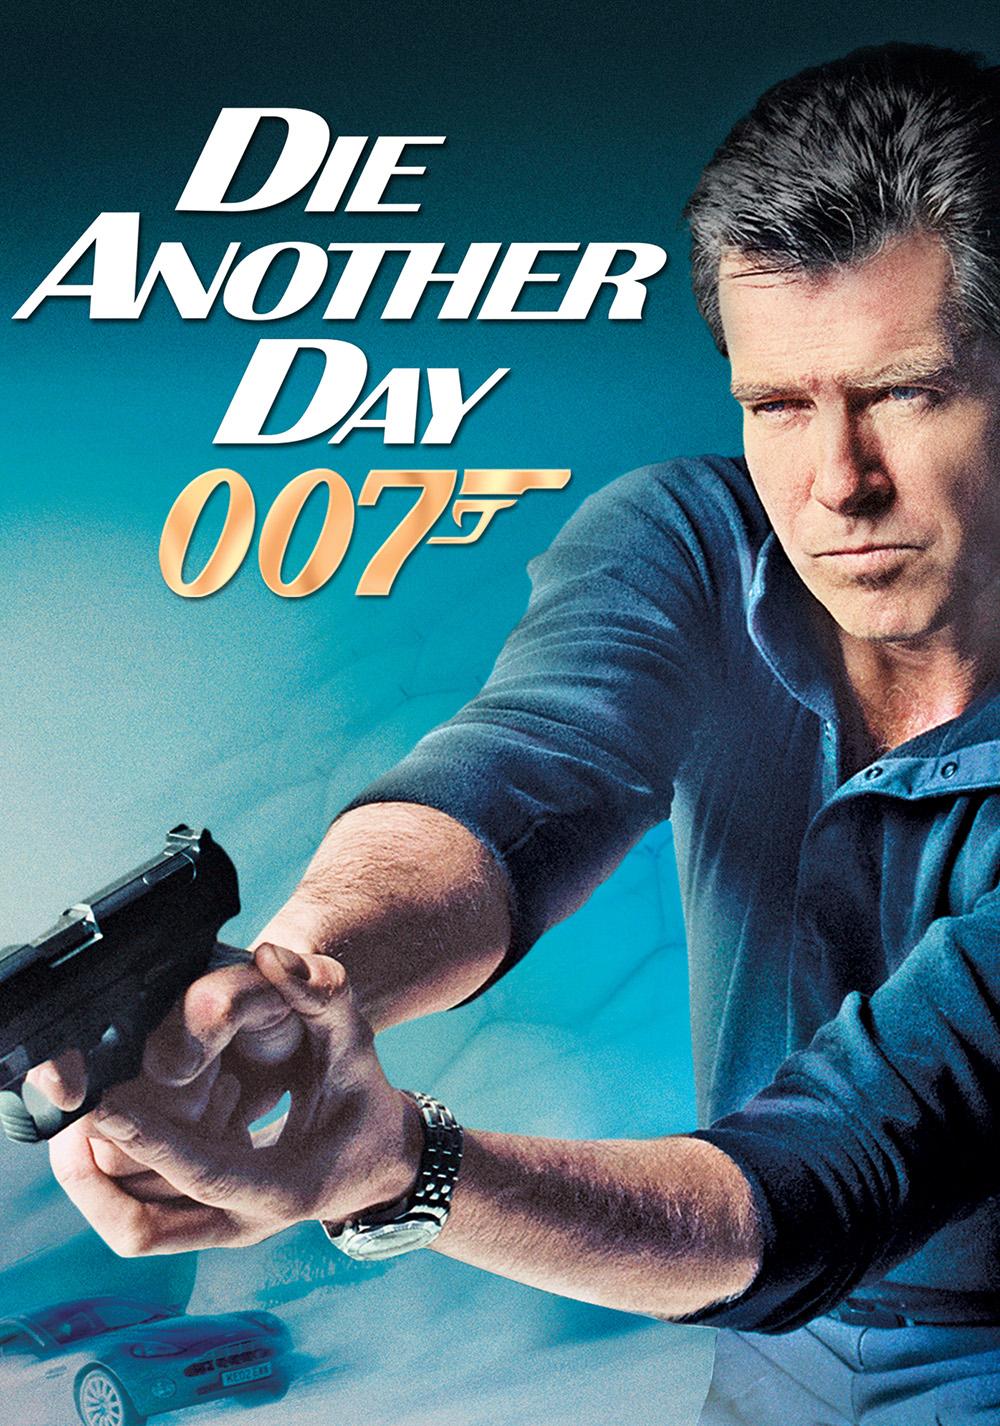 die another day movie fanart fanarttv